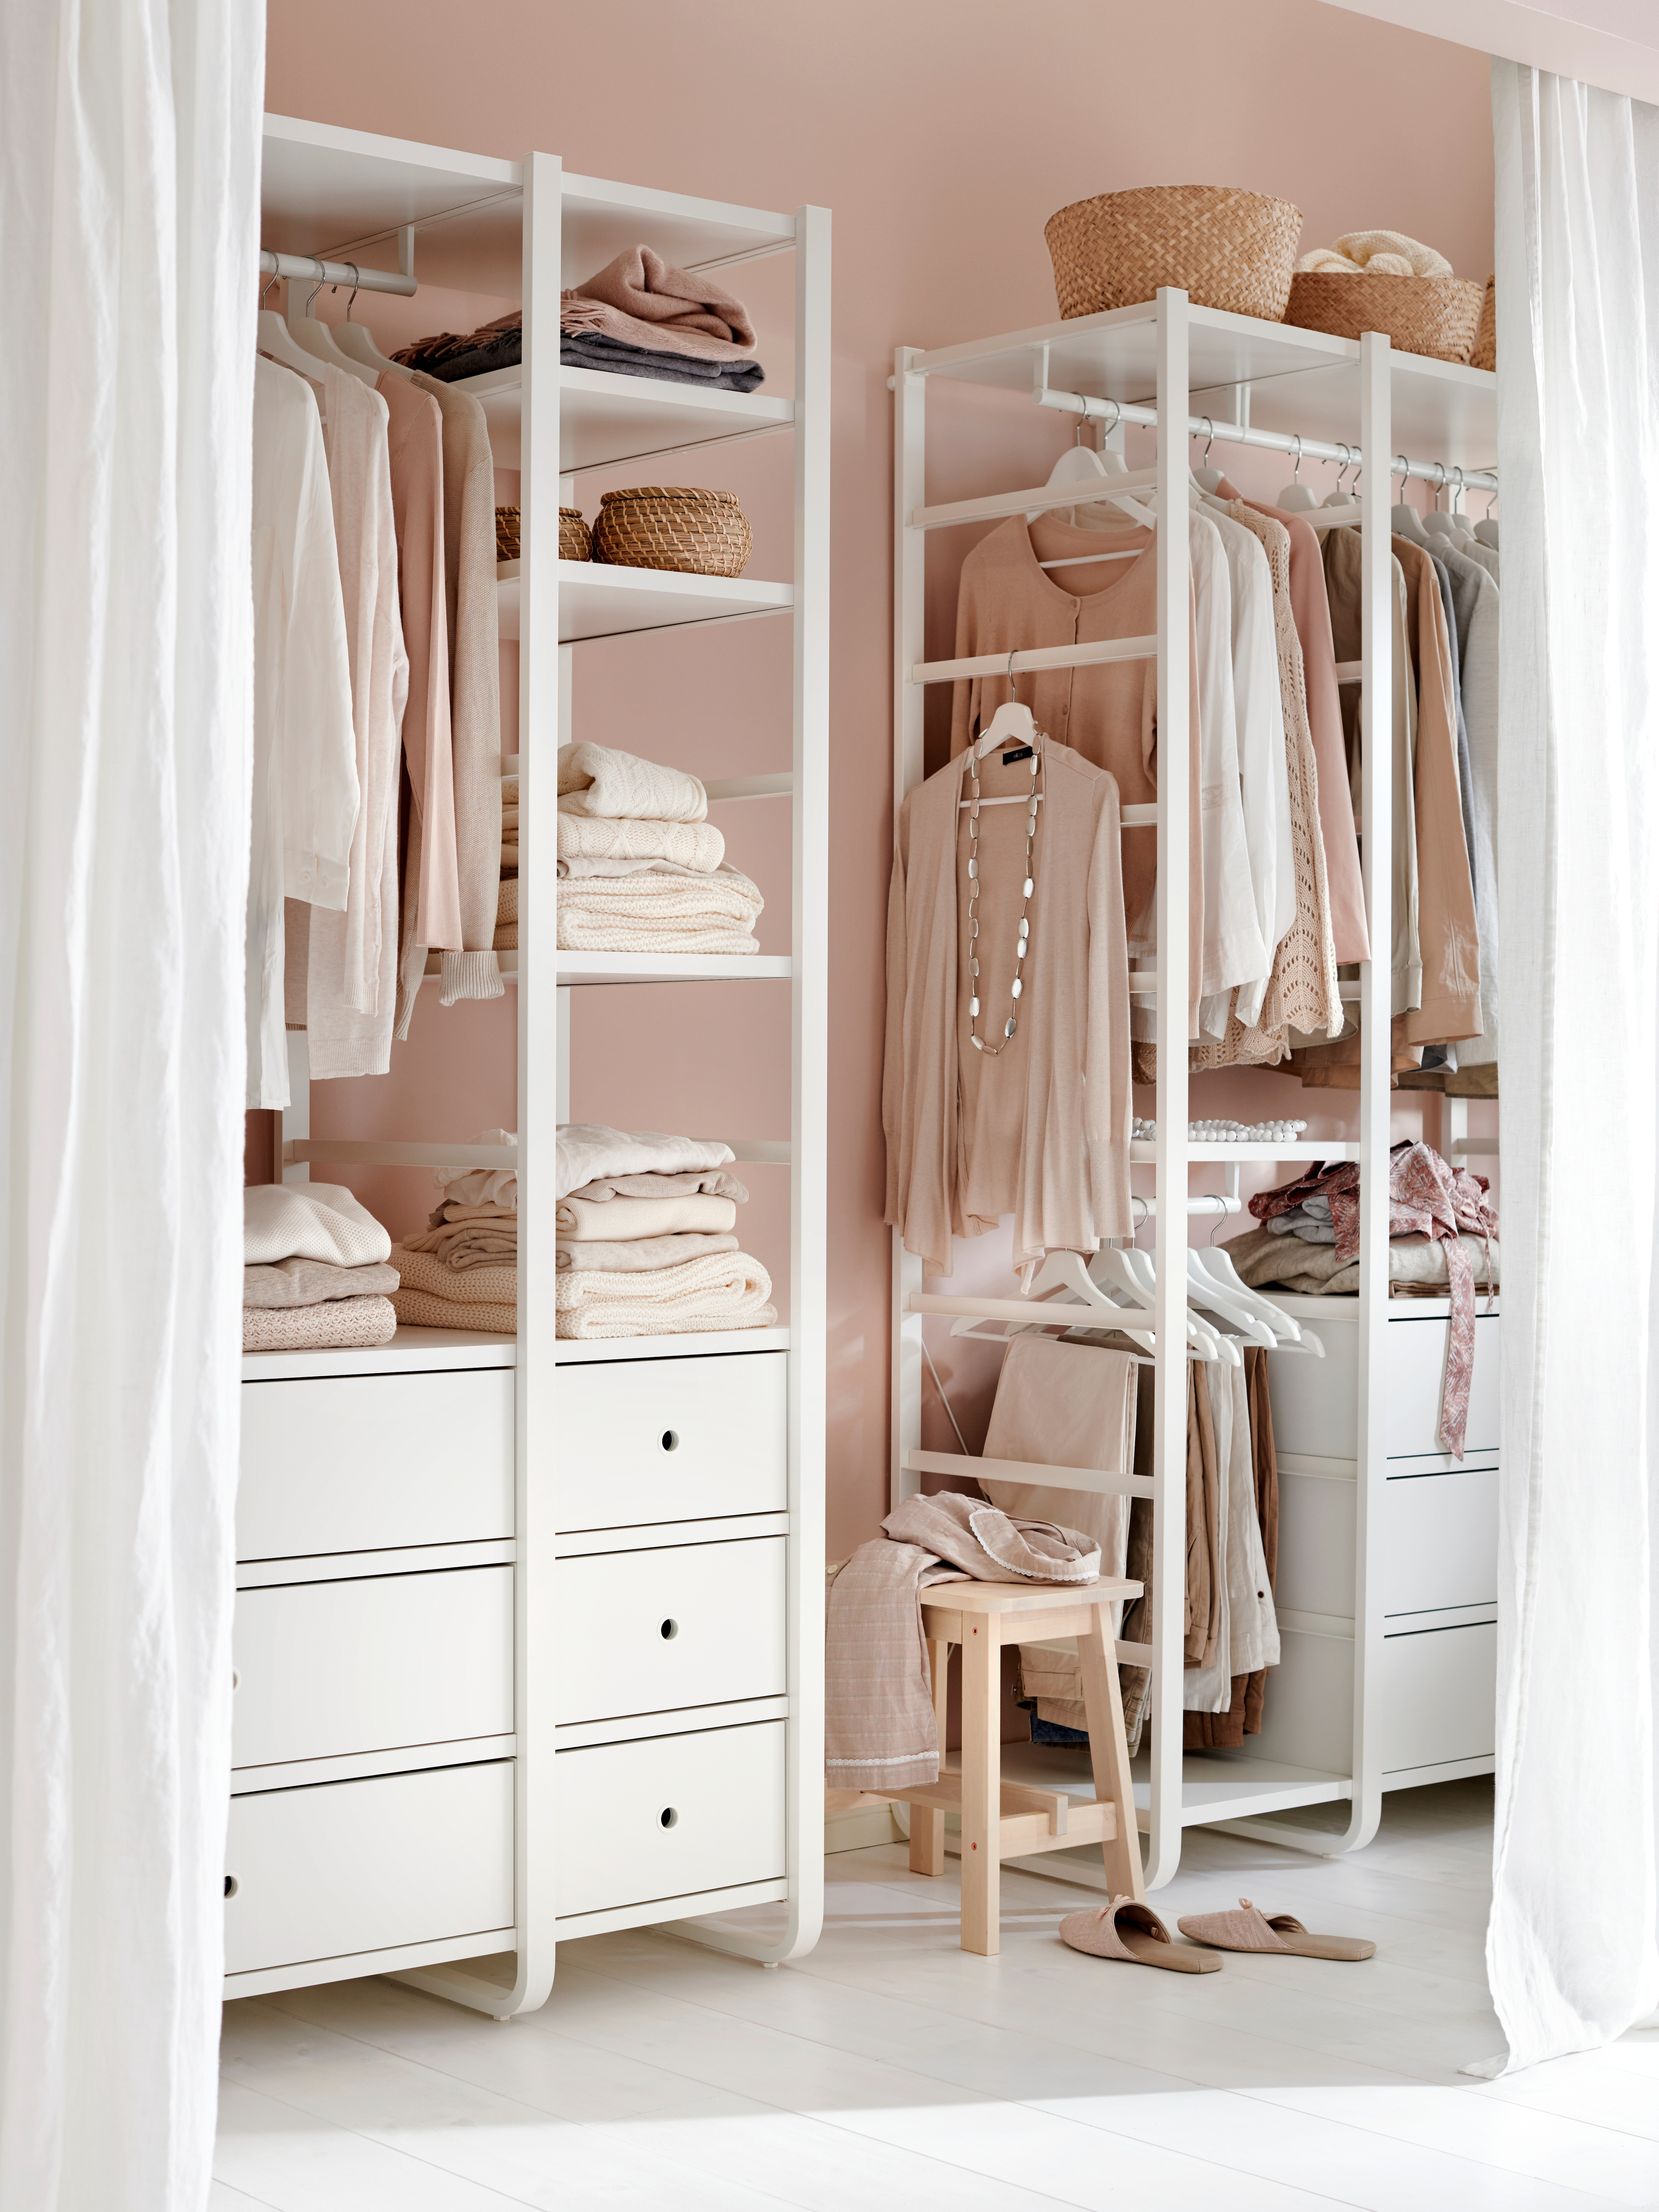 Dva bela ELVARLI sistema za odlaganje s tri odeljka, s fiokama napunjenim odećom, naslonjena na zid i stolica između.